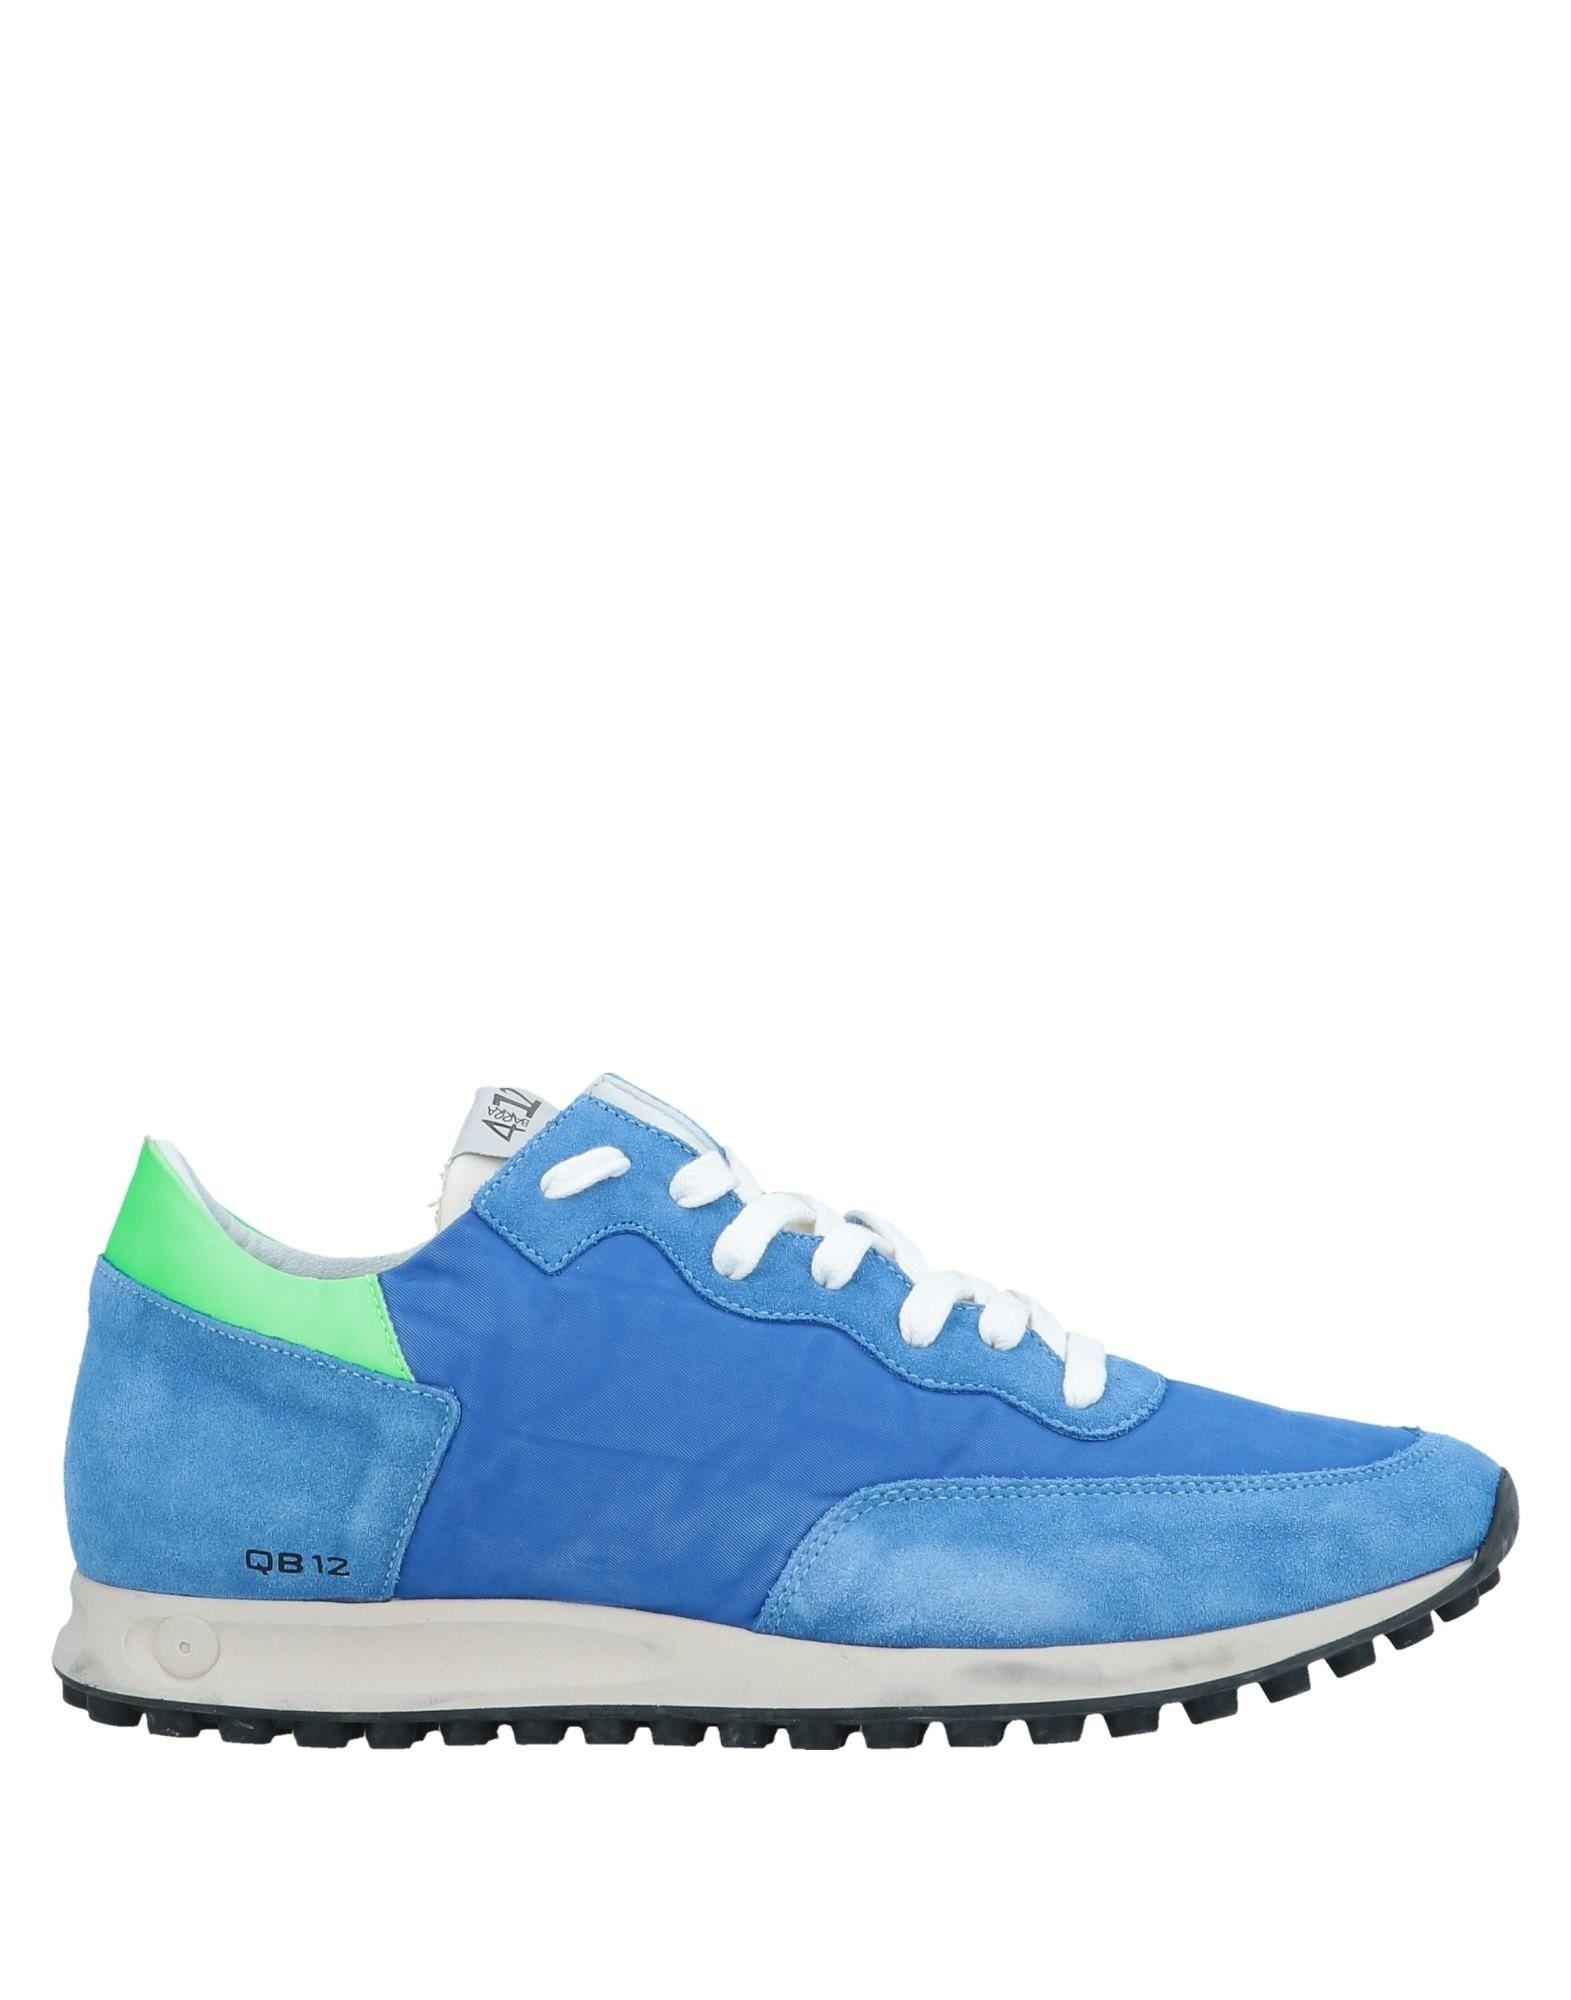 Zapatillas Quattrobarradodici Hombre - Zapatillas Quattrobarradodici  Azul eléctrico eléctrico Azul 0bc298